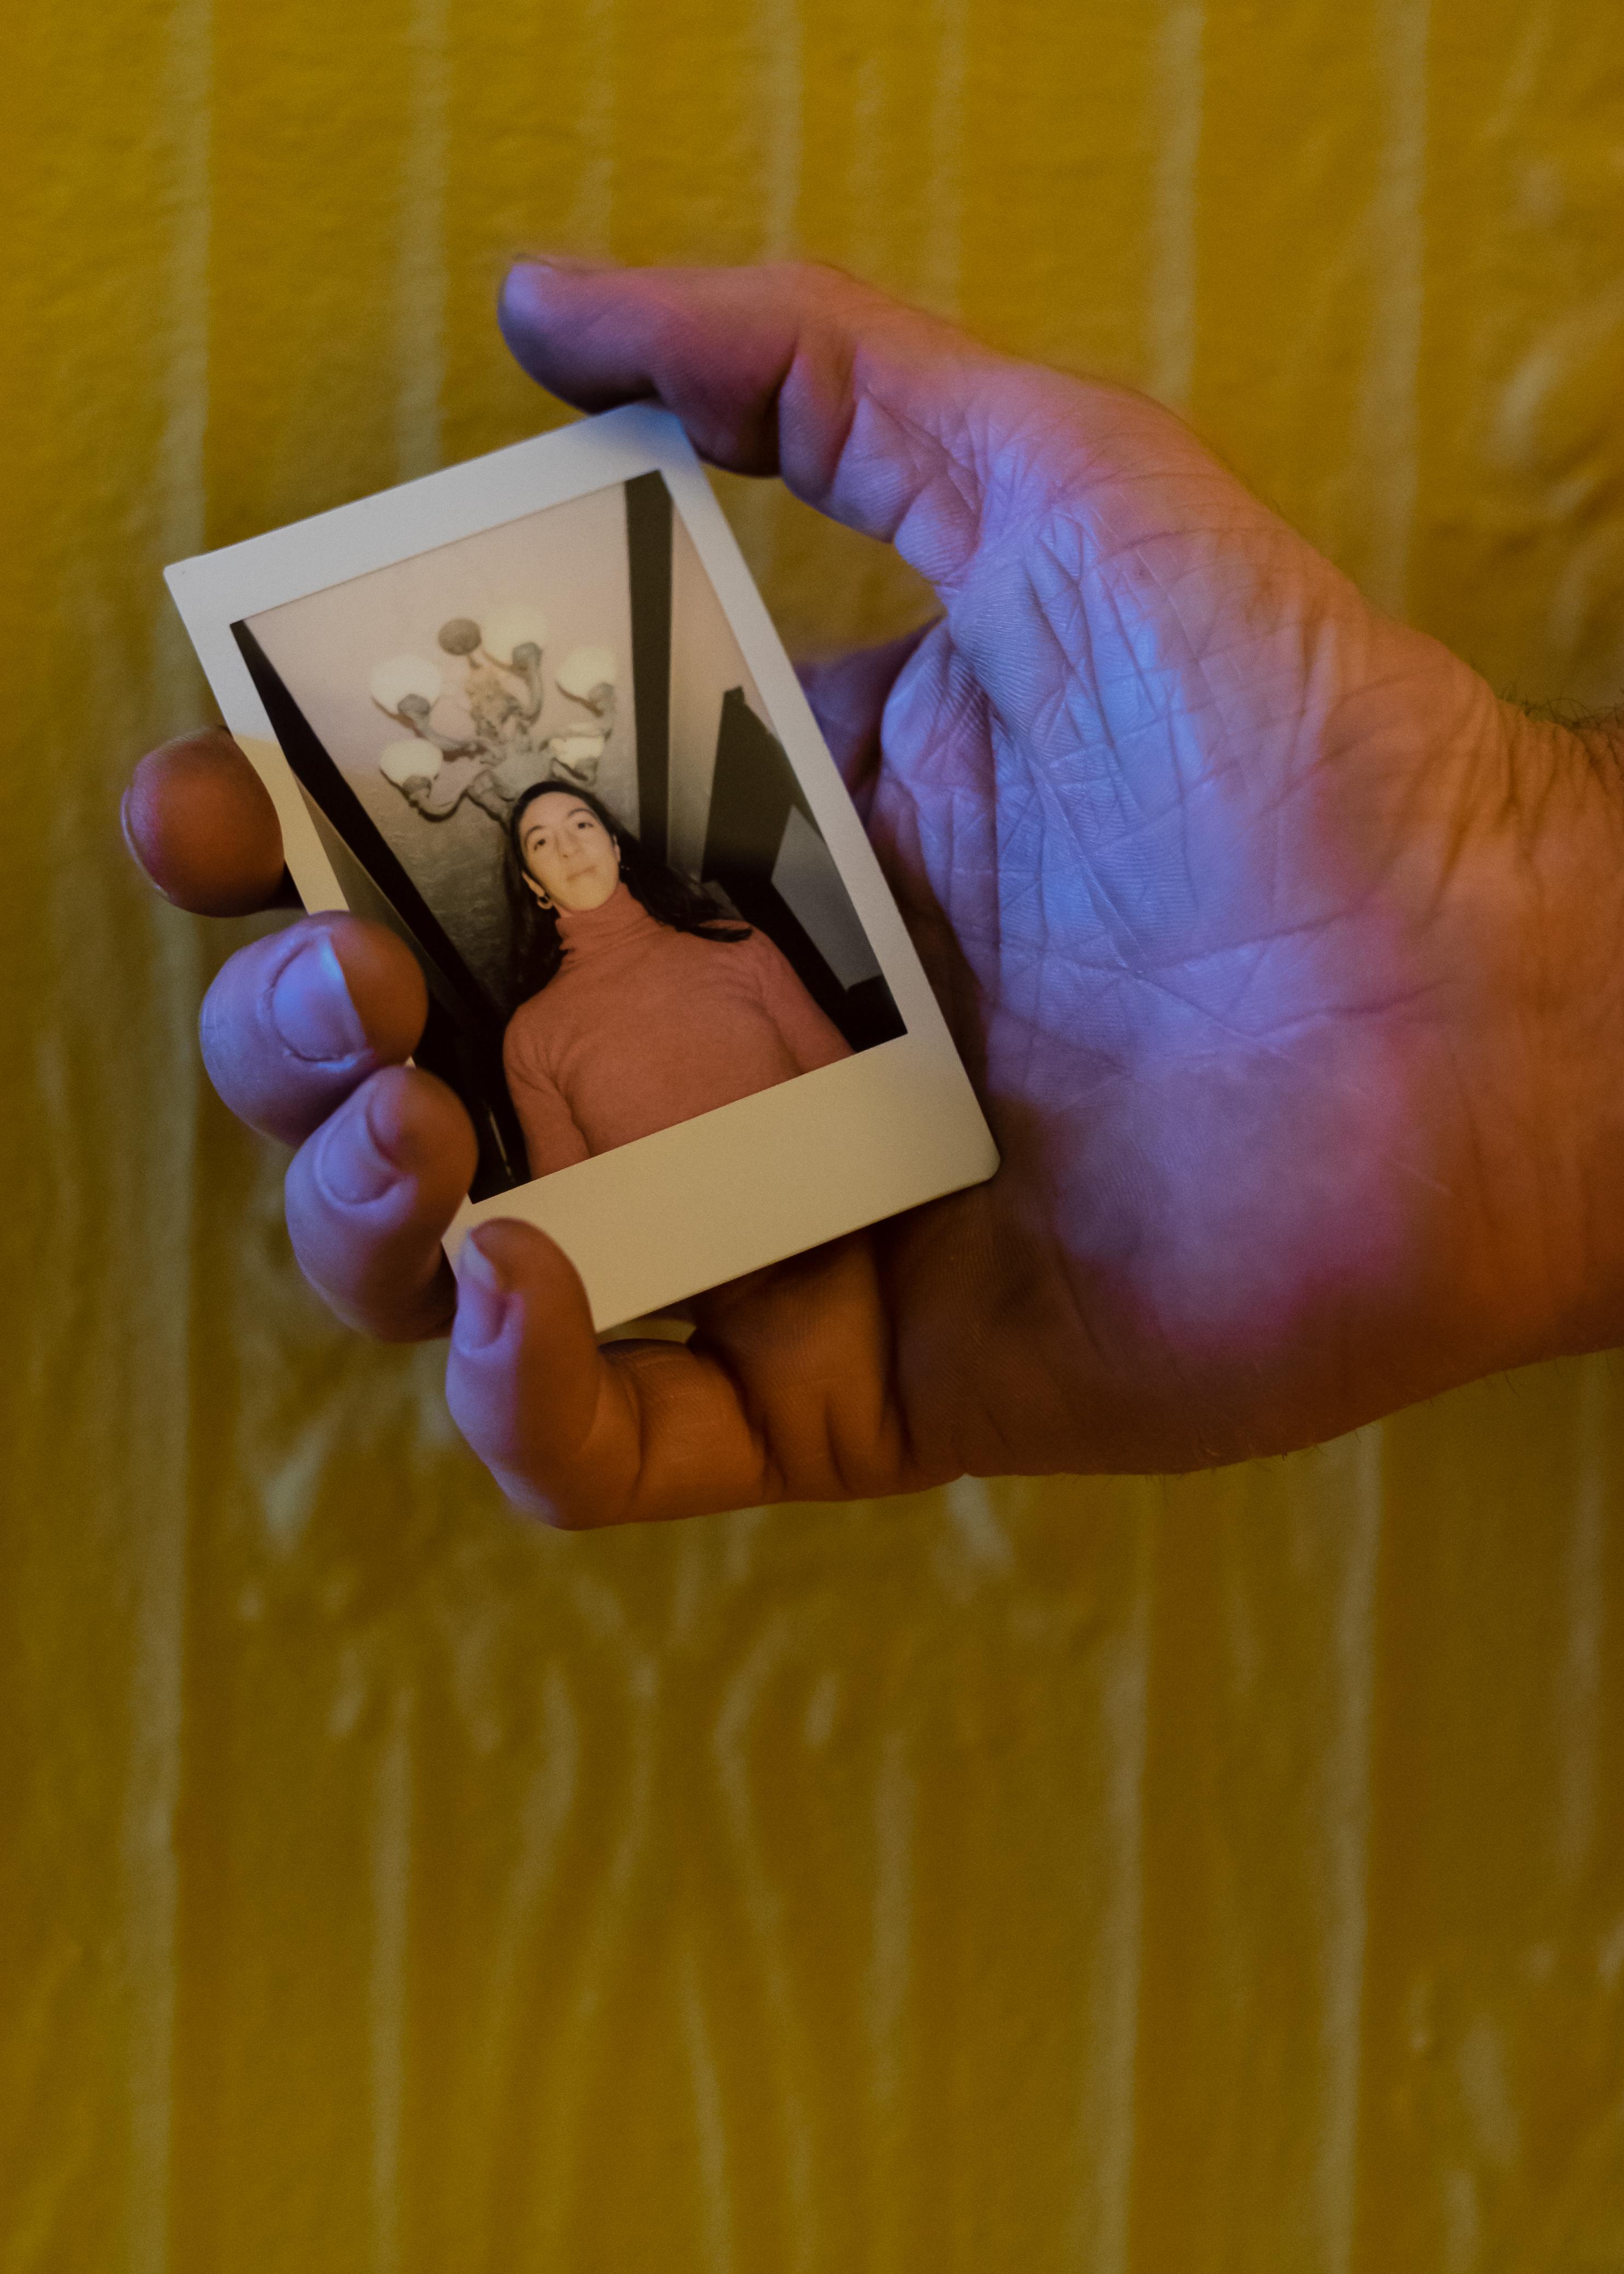 Olivier Bourget portrait dans la main-10